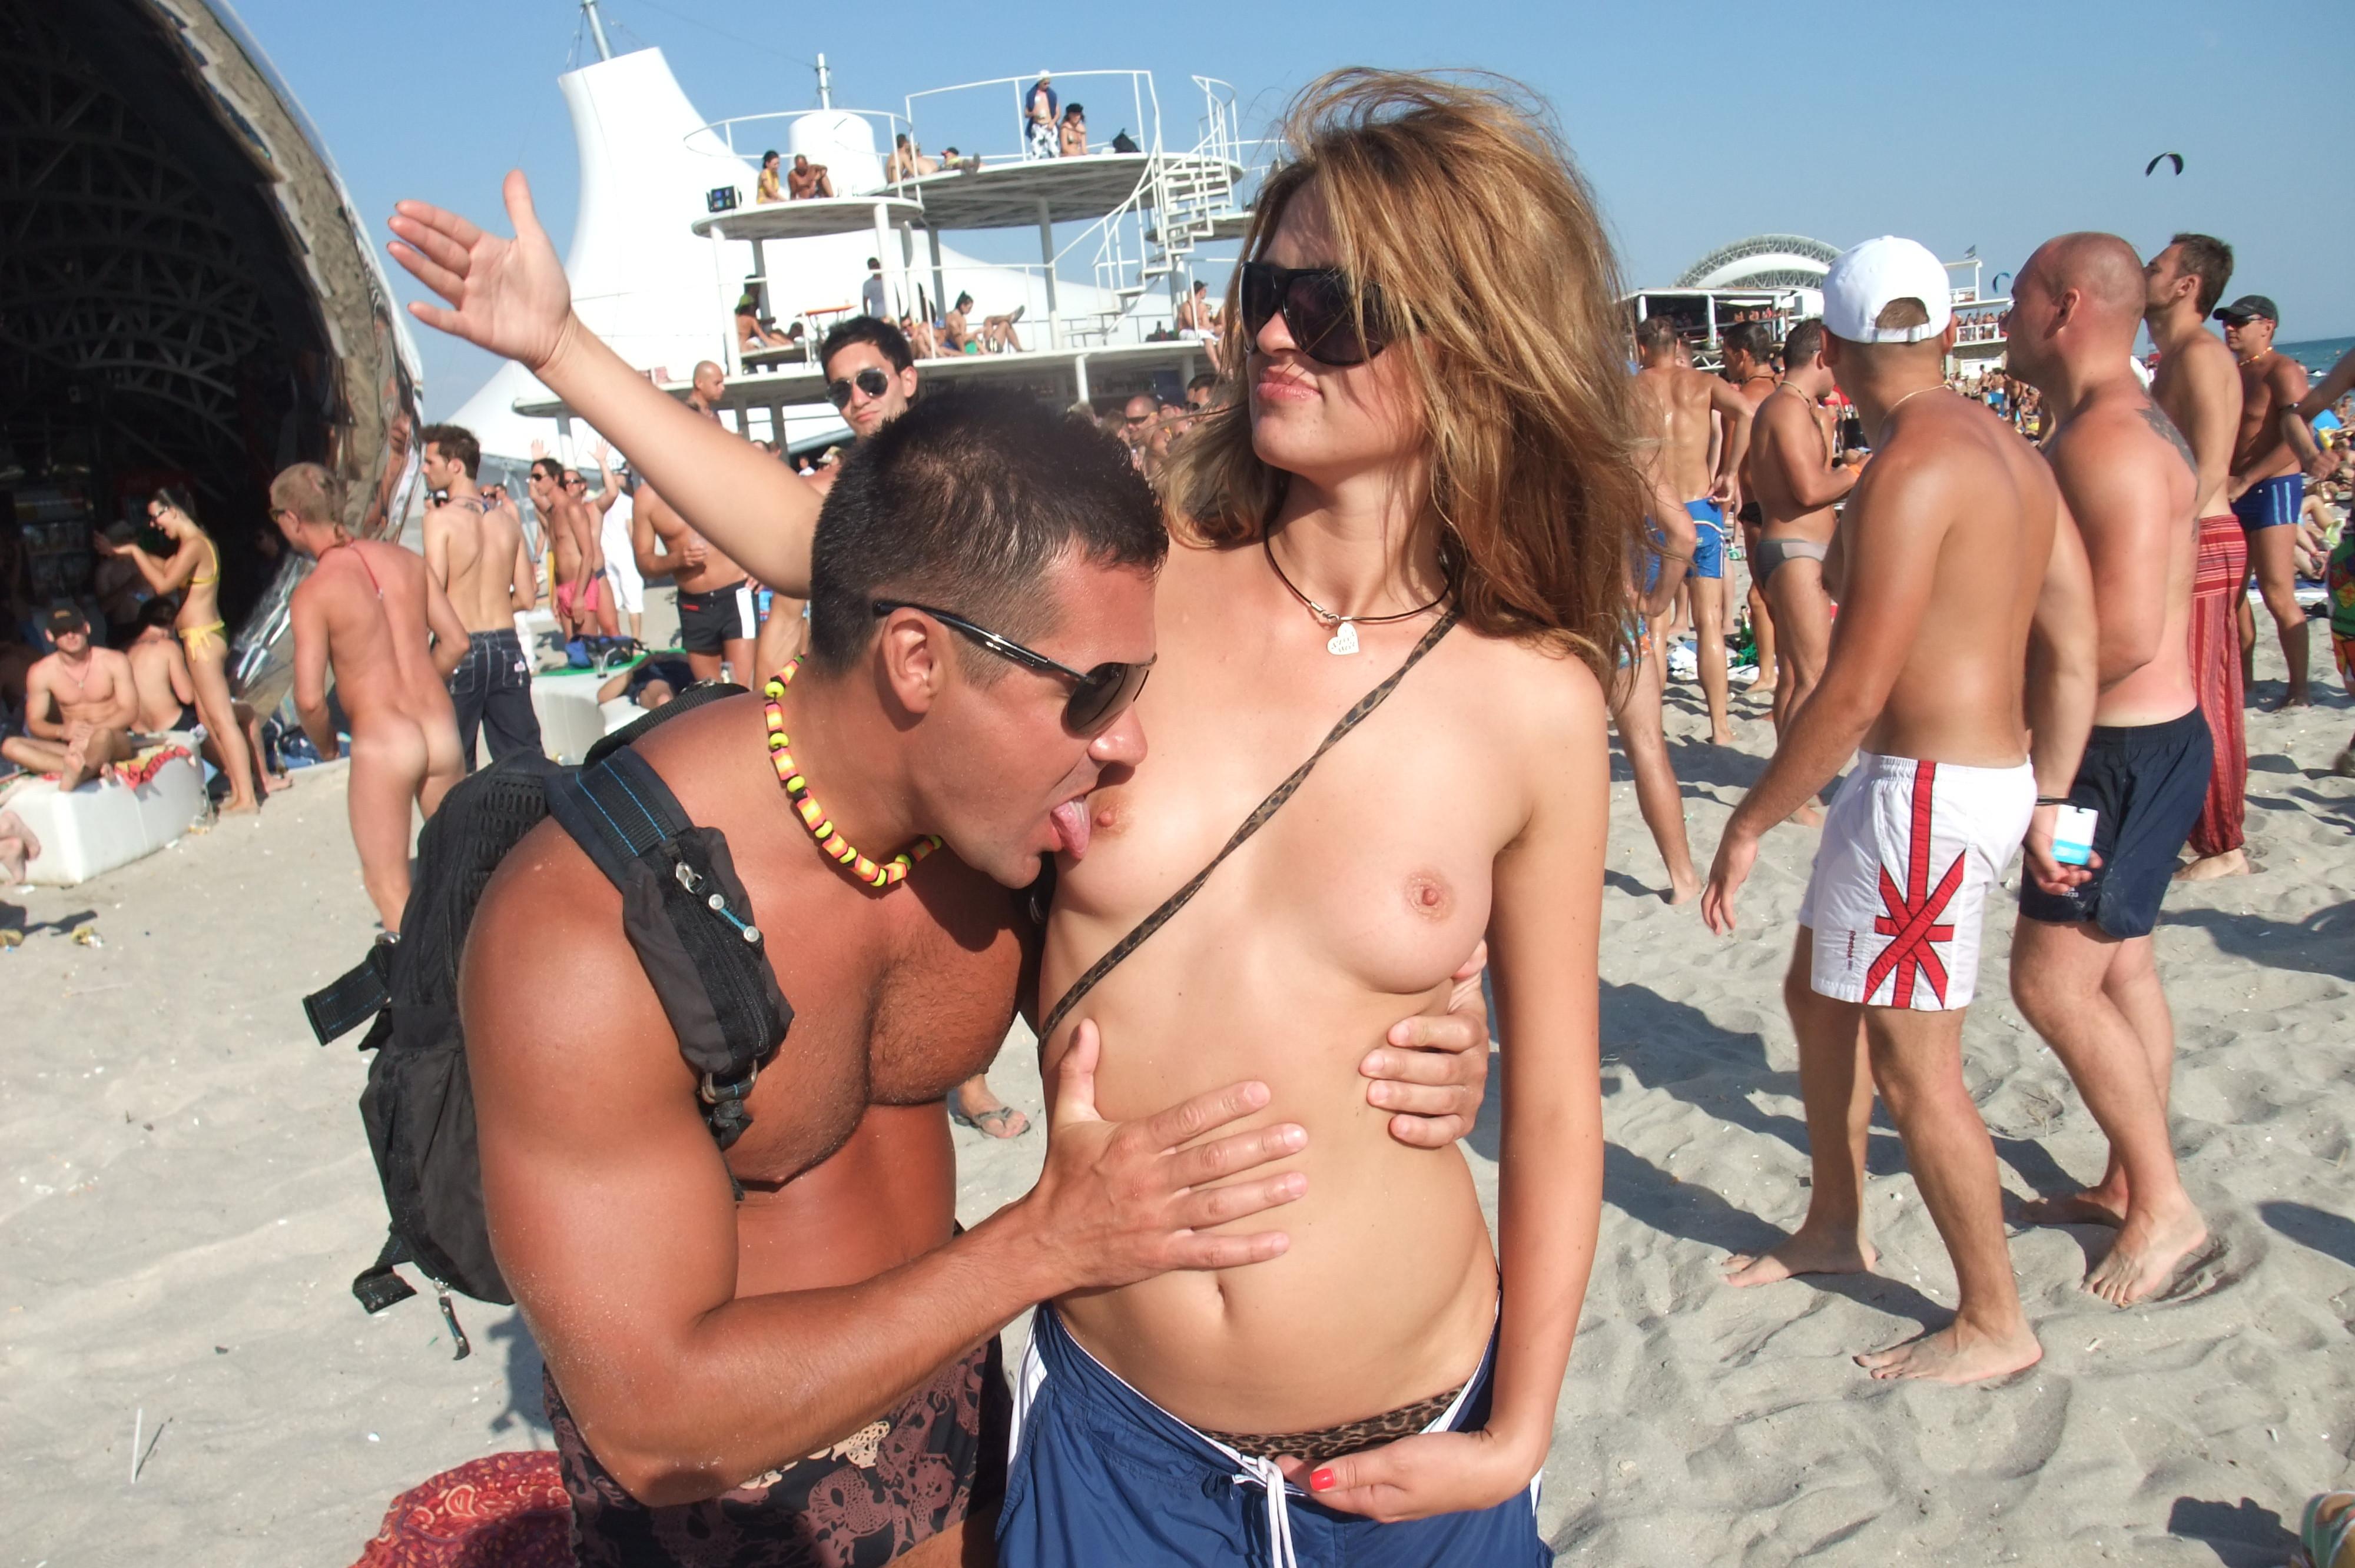 Секс на казантипе смотреть онлайн бесплатно 15 фотография